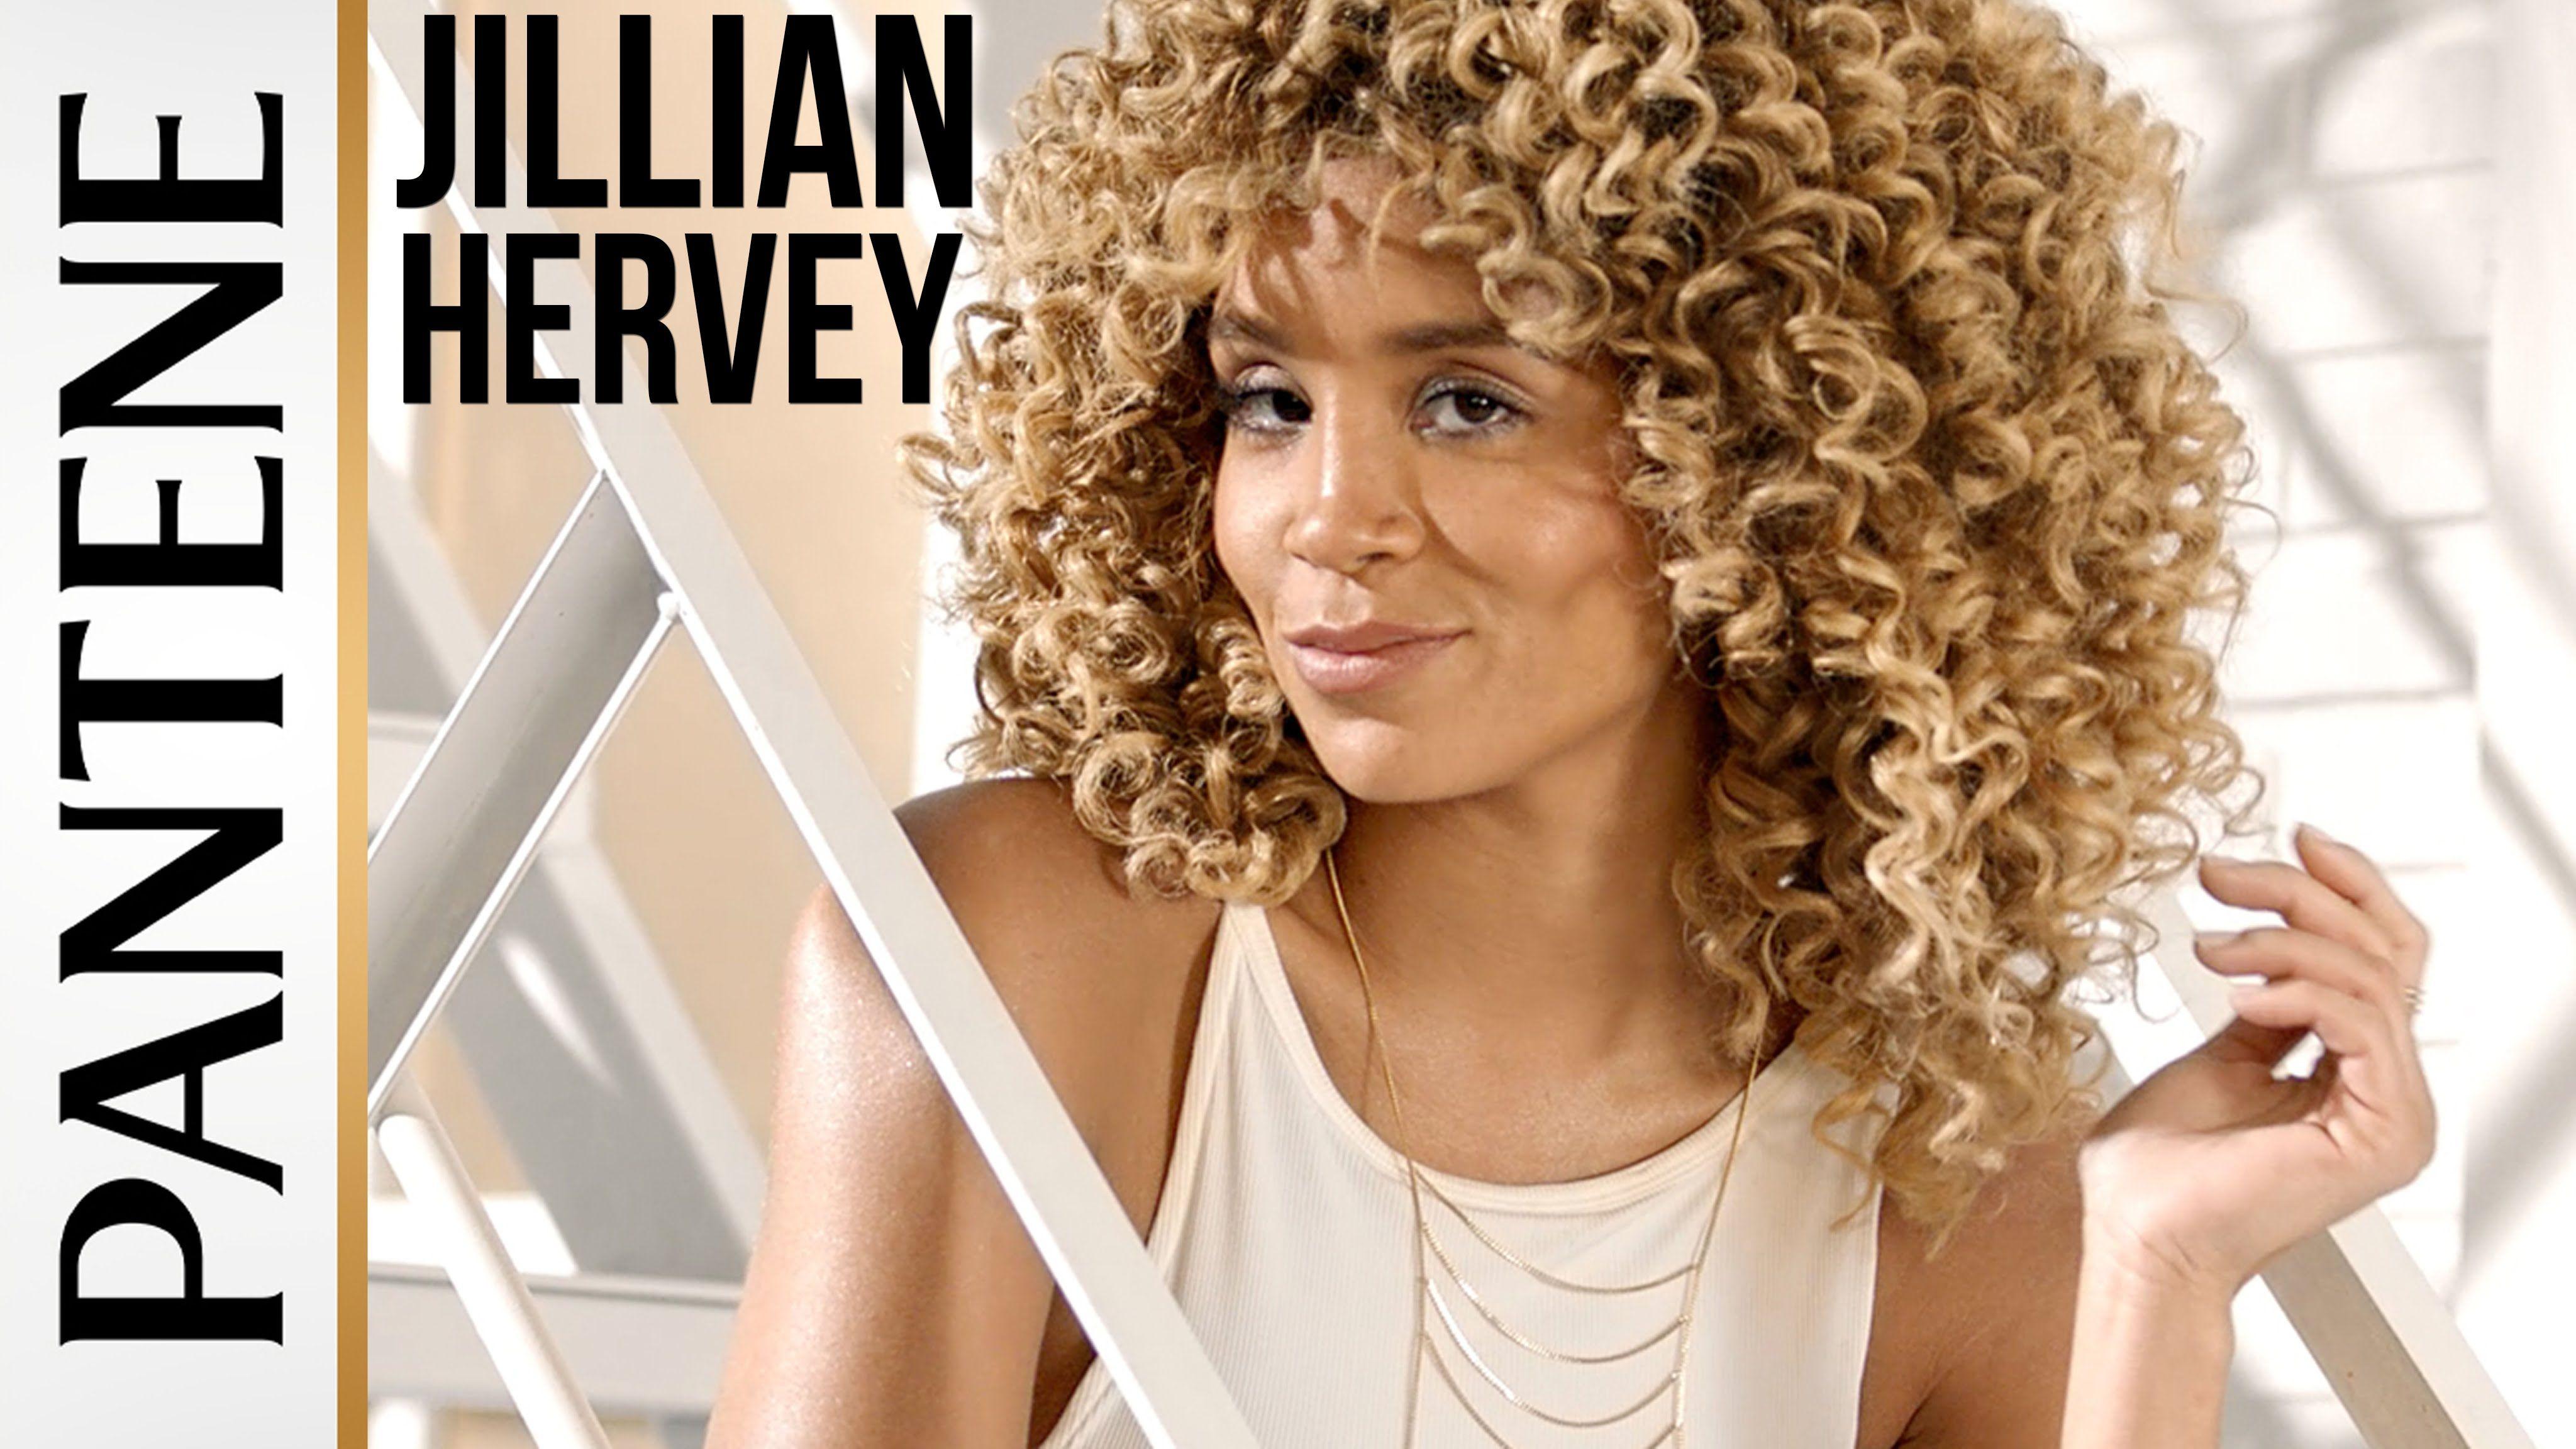 Rae Dawn Chong Lesbian Beautiful jillian hervey: beautiful curly hair | pantene commercial | my fav